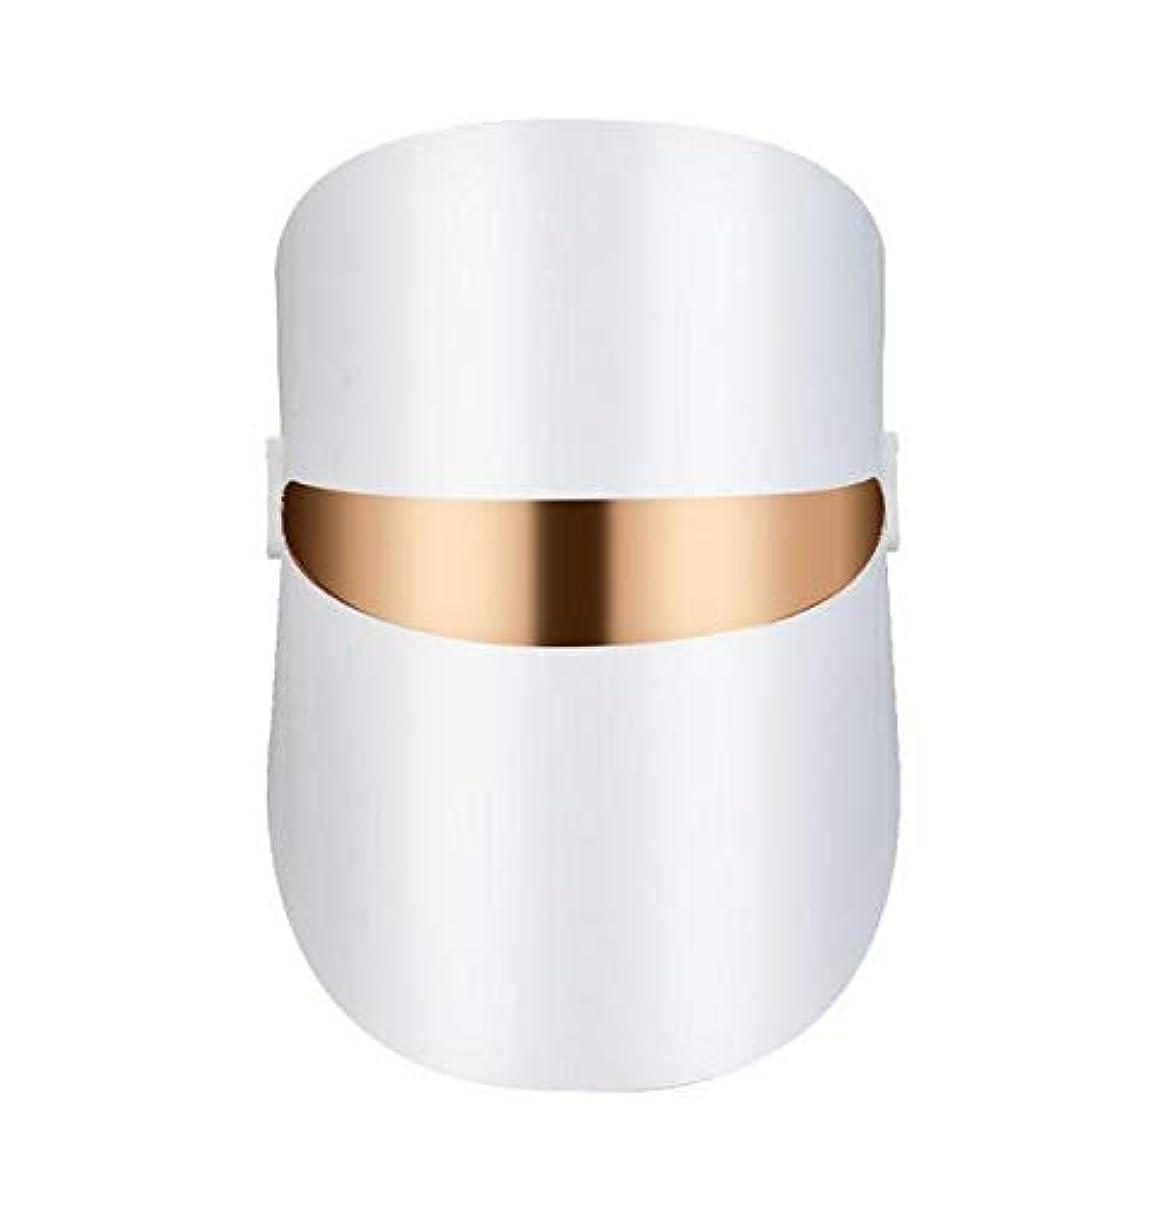 検索エンジン最適化を除くオーバードローLEDマスクフェイシャルケアアンチリンクルマシンにきび除去美容スパデバイス肌の若返りホワイトフェイスマスカー